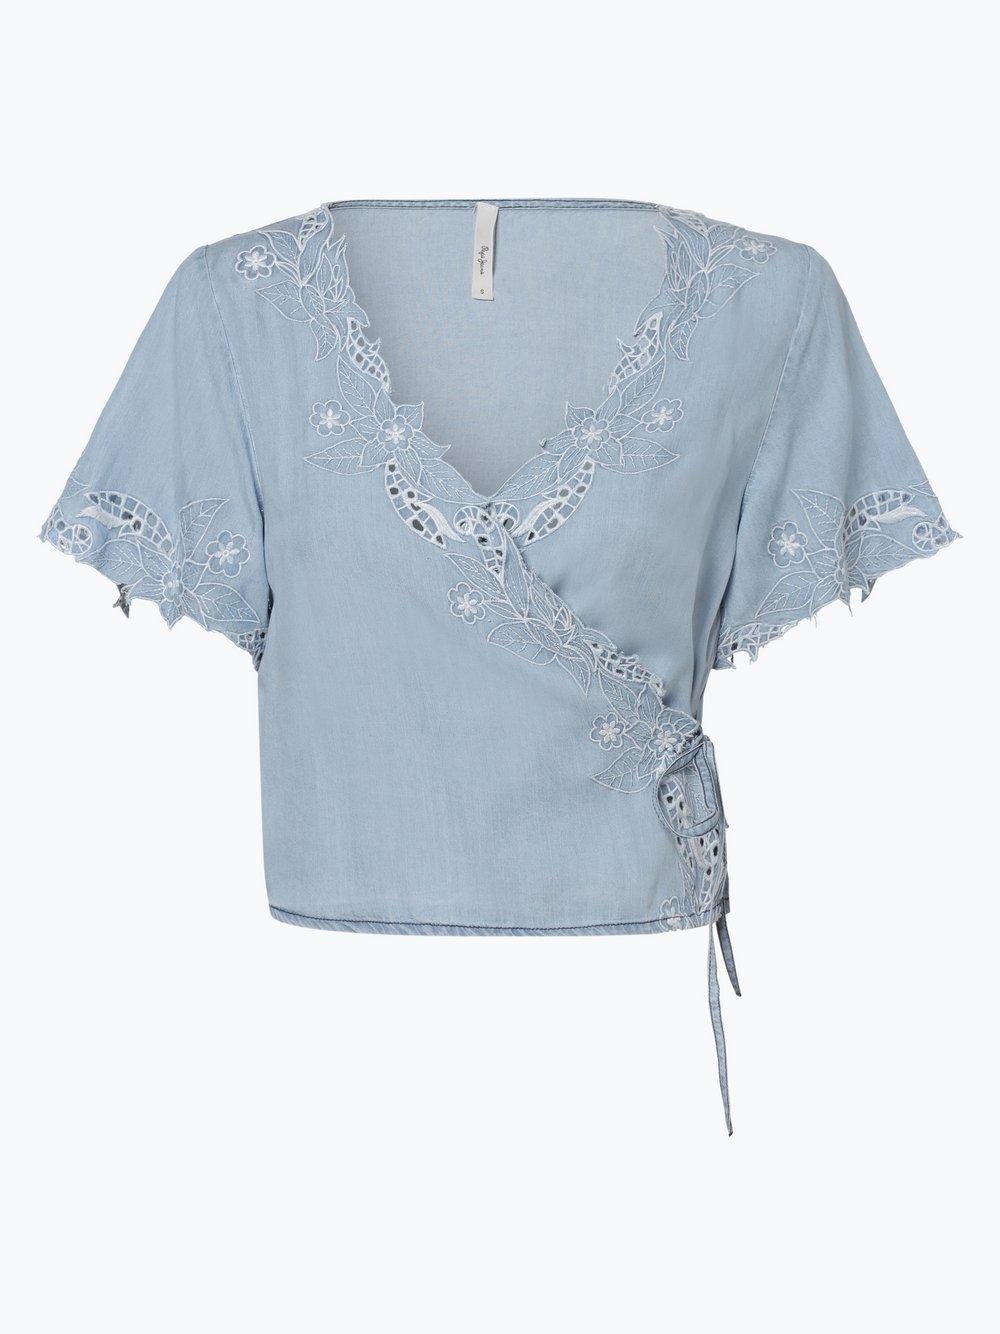 d9f6a6c9b01b73 Pepe Jeans Damska koszula jeansowa – Xenia kup online | VANGRAAF.COM